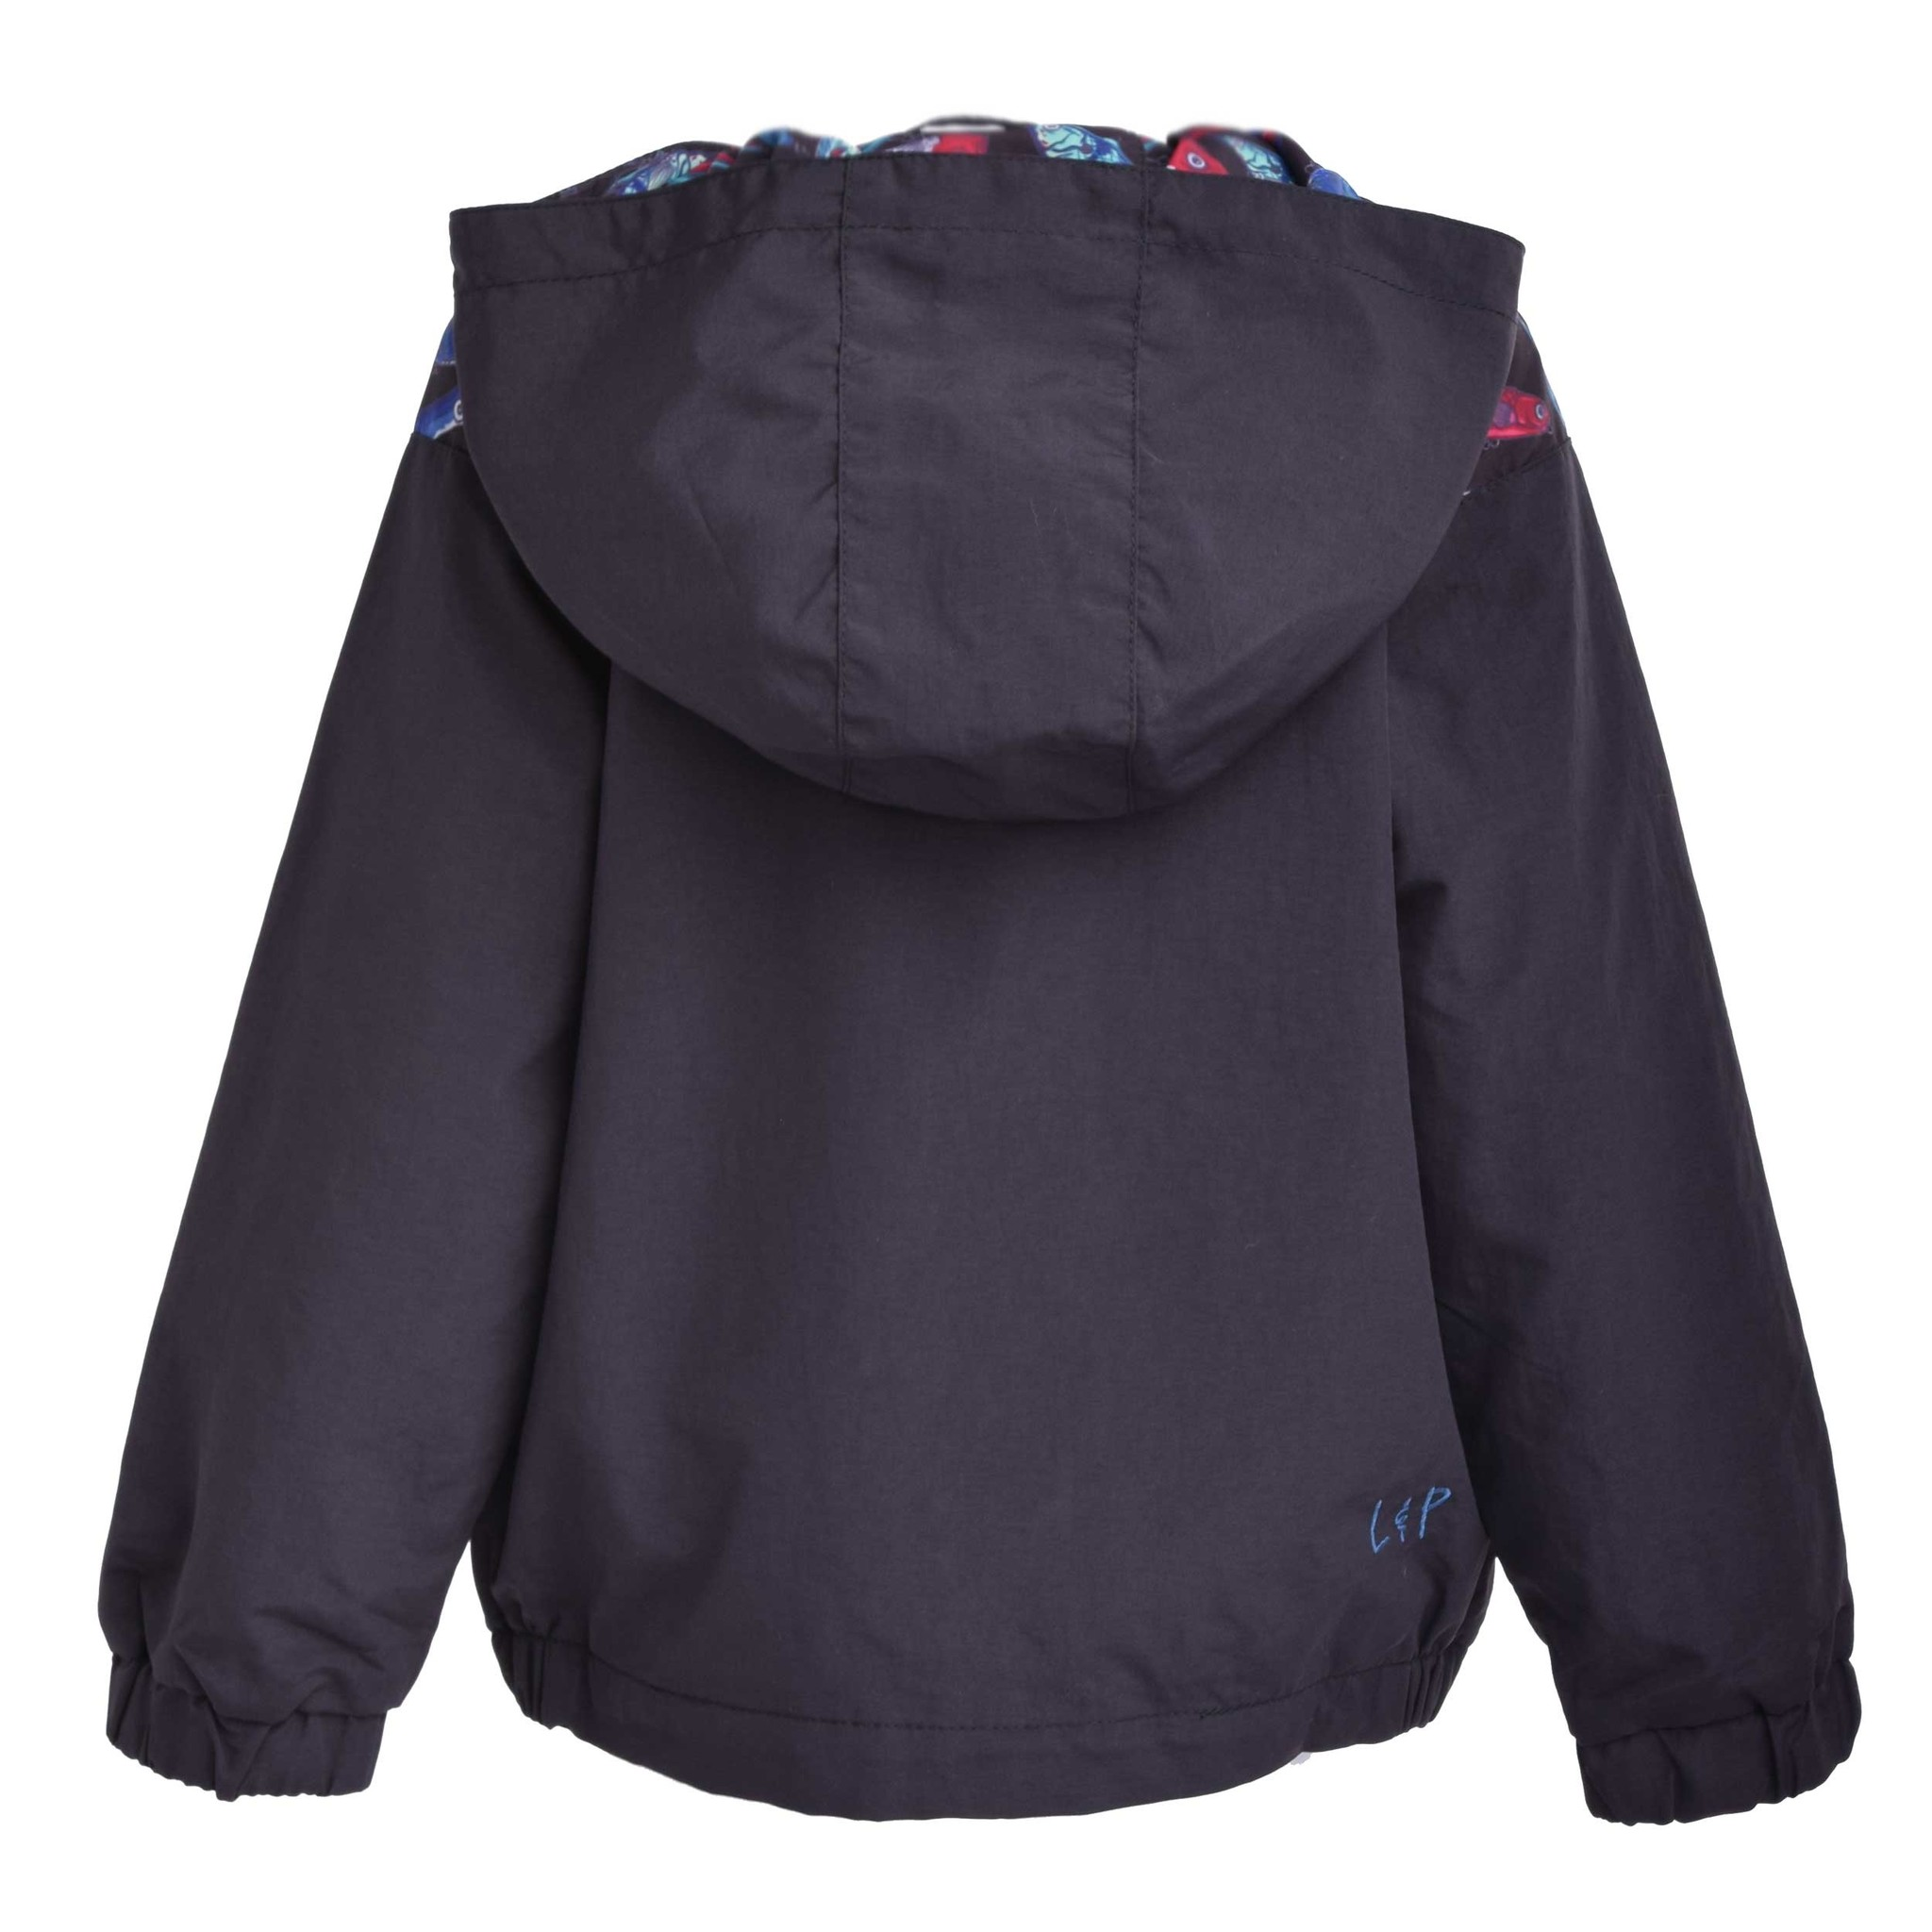 Manteau d'extérieur mi-saison FISH 2.0-3